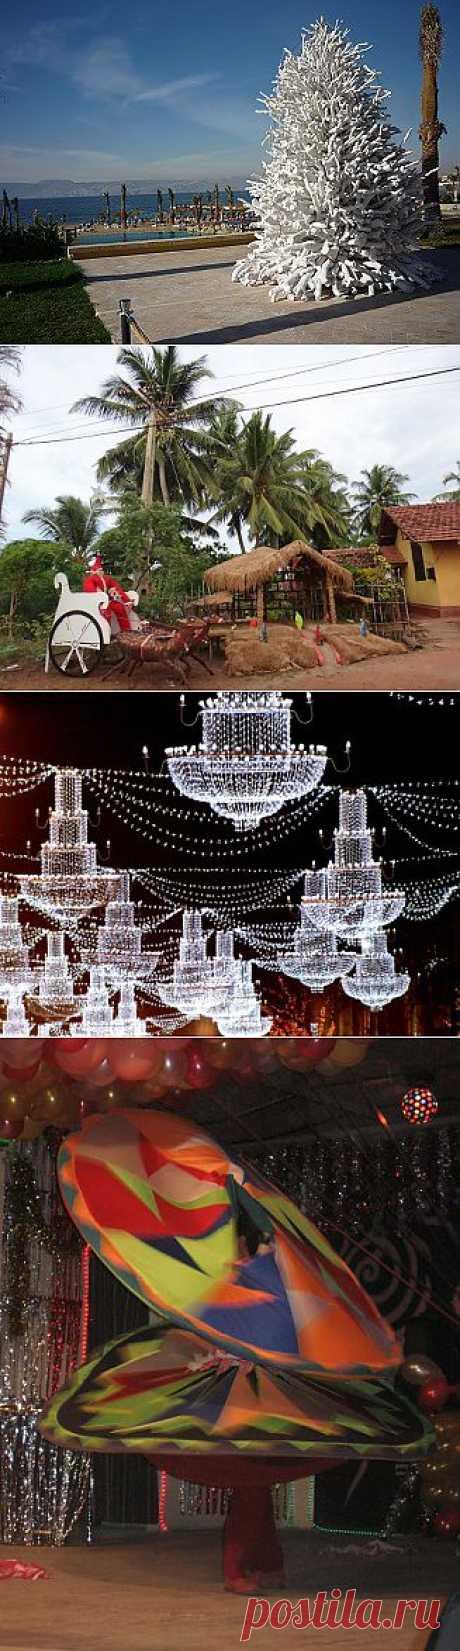 Рождественские ёлки в разных странах мира   ТУРИЗМ И ОТДЫХ